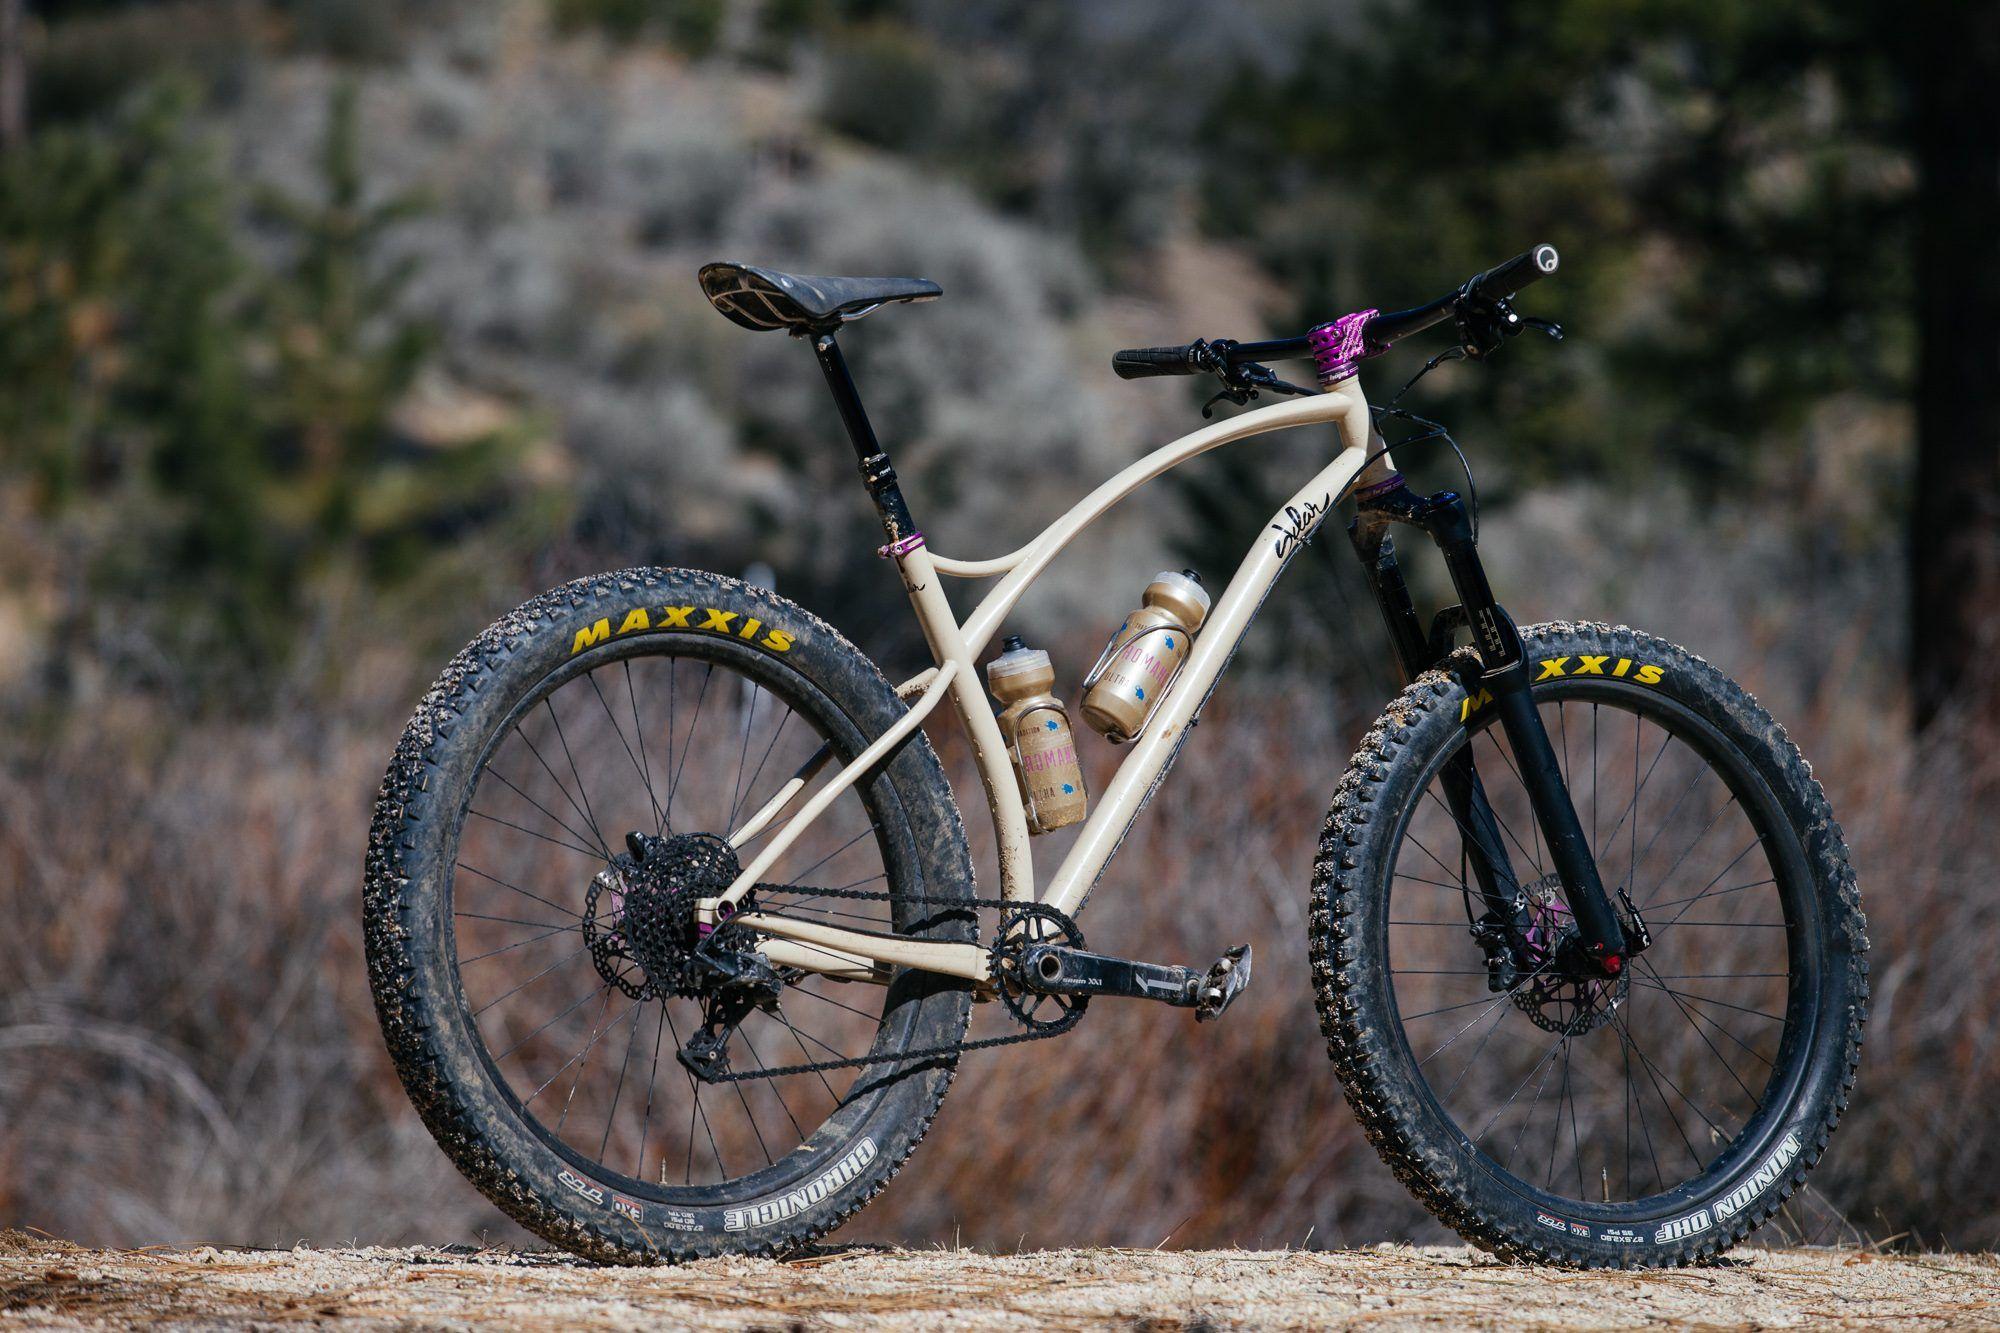 Colin S Shreddy Sklar 27 5 Hardtail Hardtail Mountain Bike